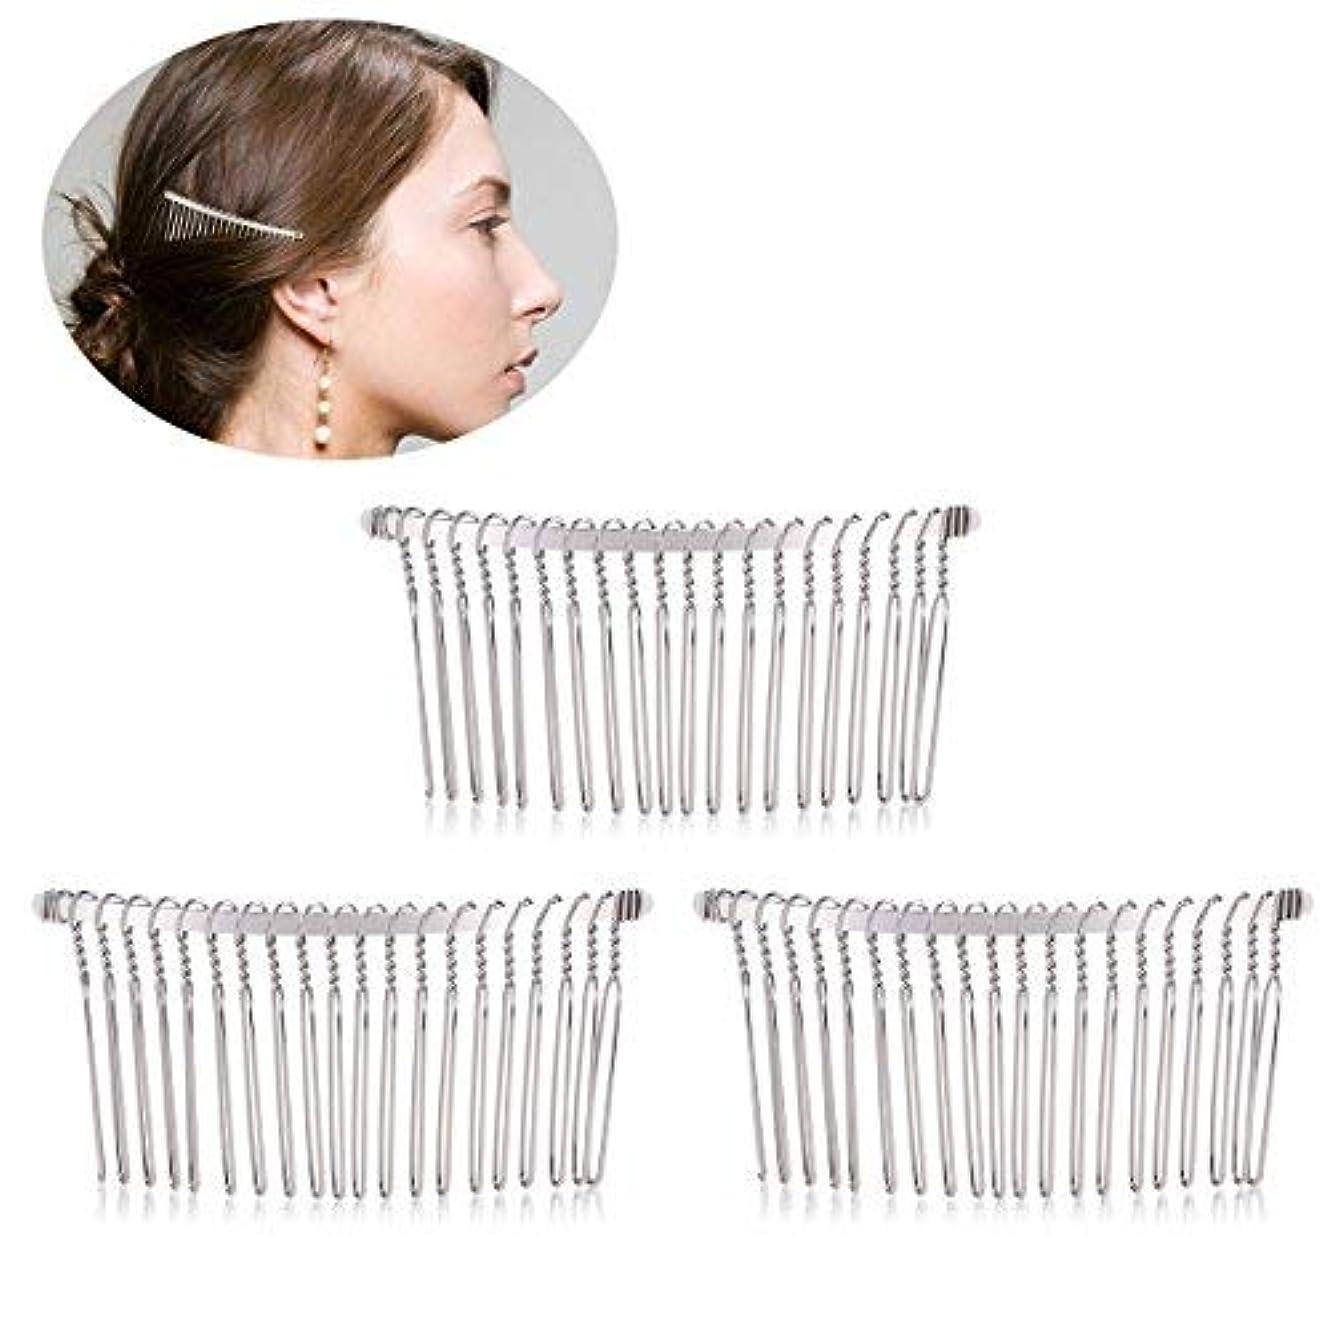 メタリックあいさつペルセウスPixnor 3pcs 7.8cm 20 Teeth Fancy DIY Metal Wire Hair Clip Combs Bridal Wedding Veil Combs (Silver) [並行輸入品]